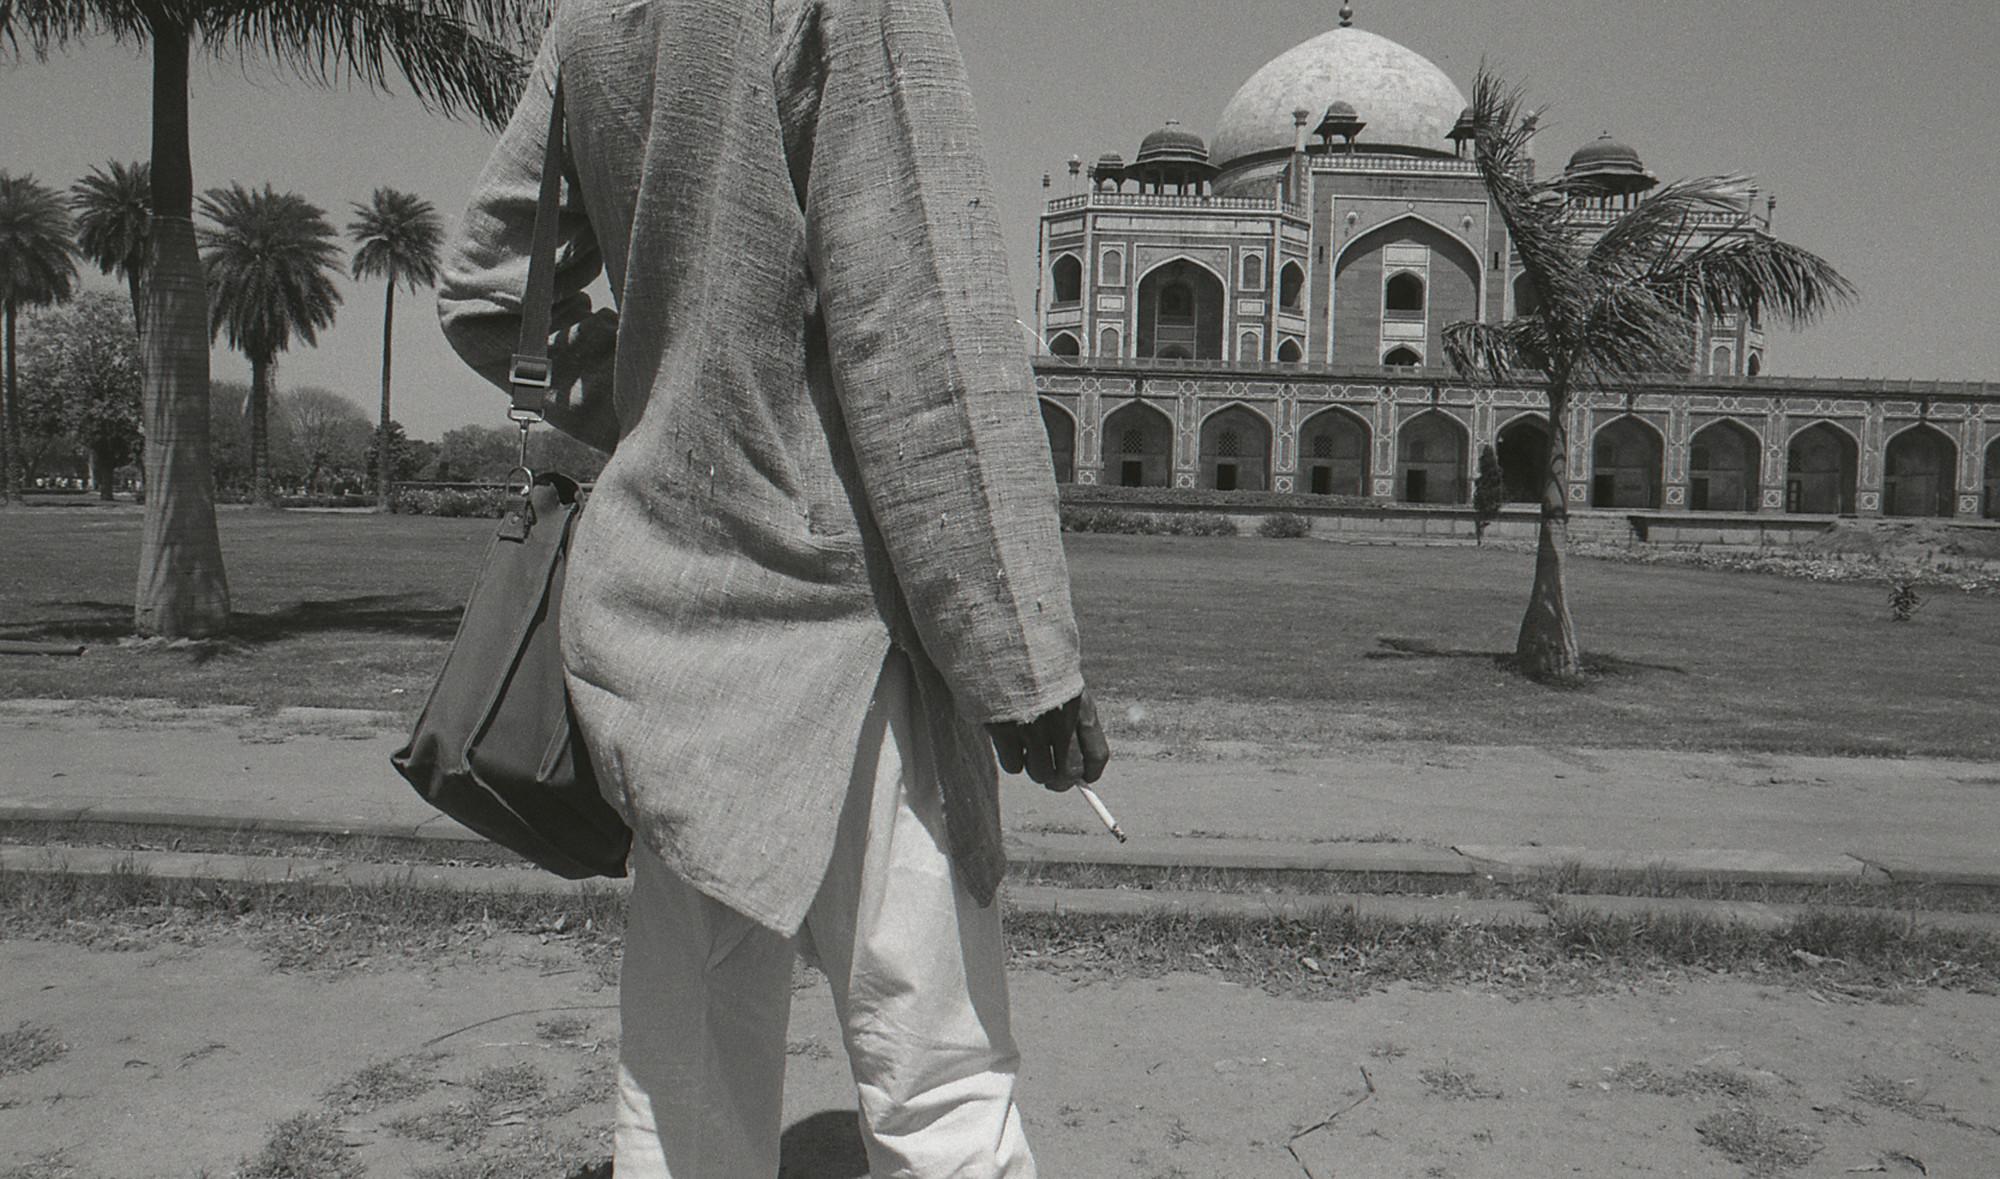 Untitled, Humayun's Tomb, 1982